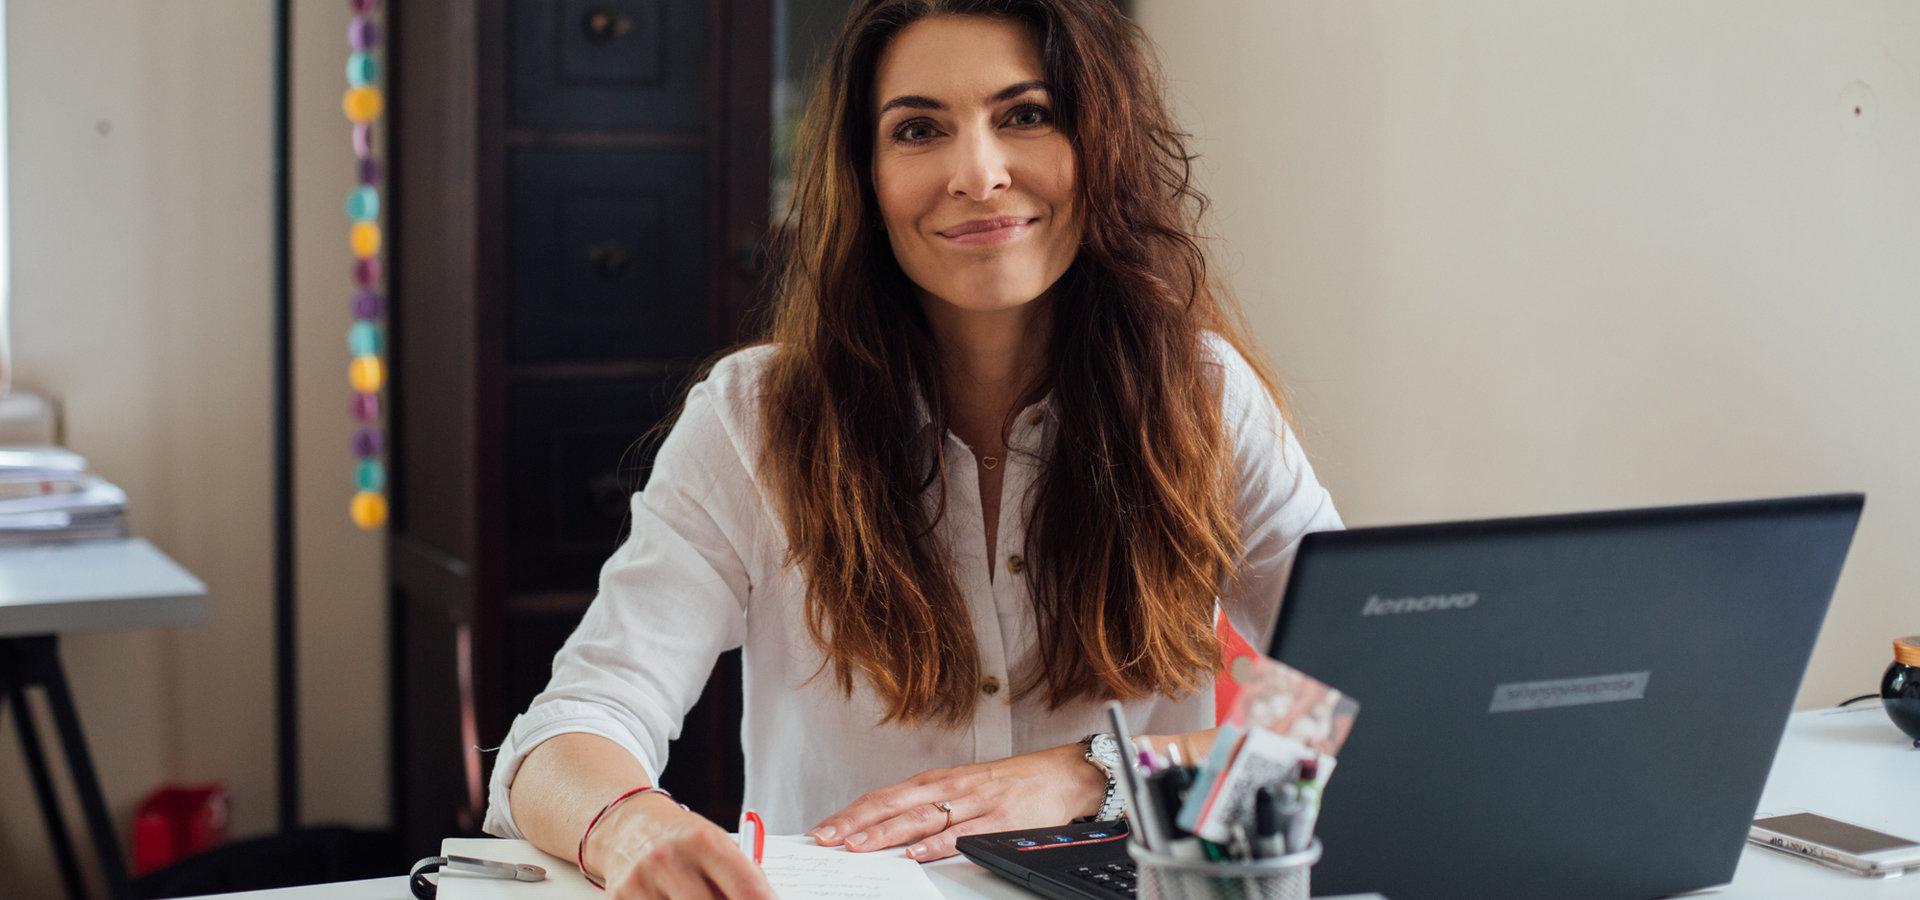 Praca – jak jej nie szukać, a ją stworzyć. CANAL+ DISCOVERY przedstawia dokument o polskich start-upach